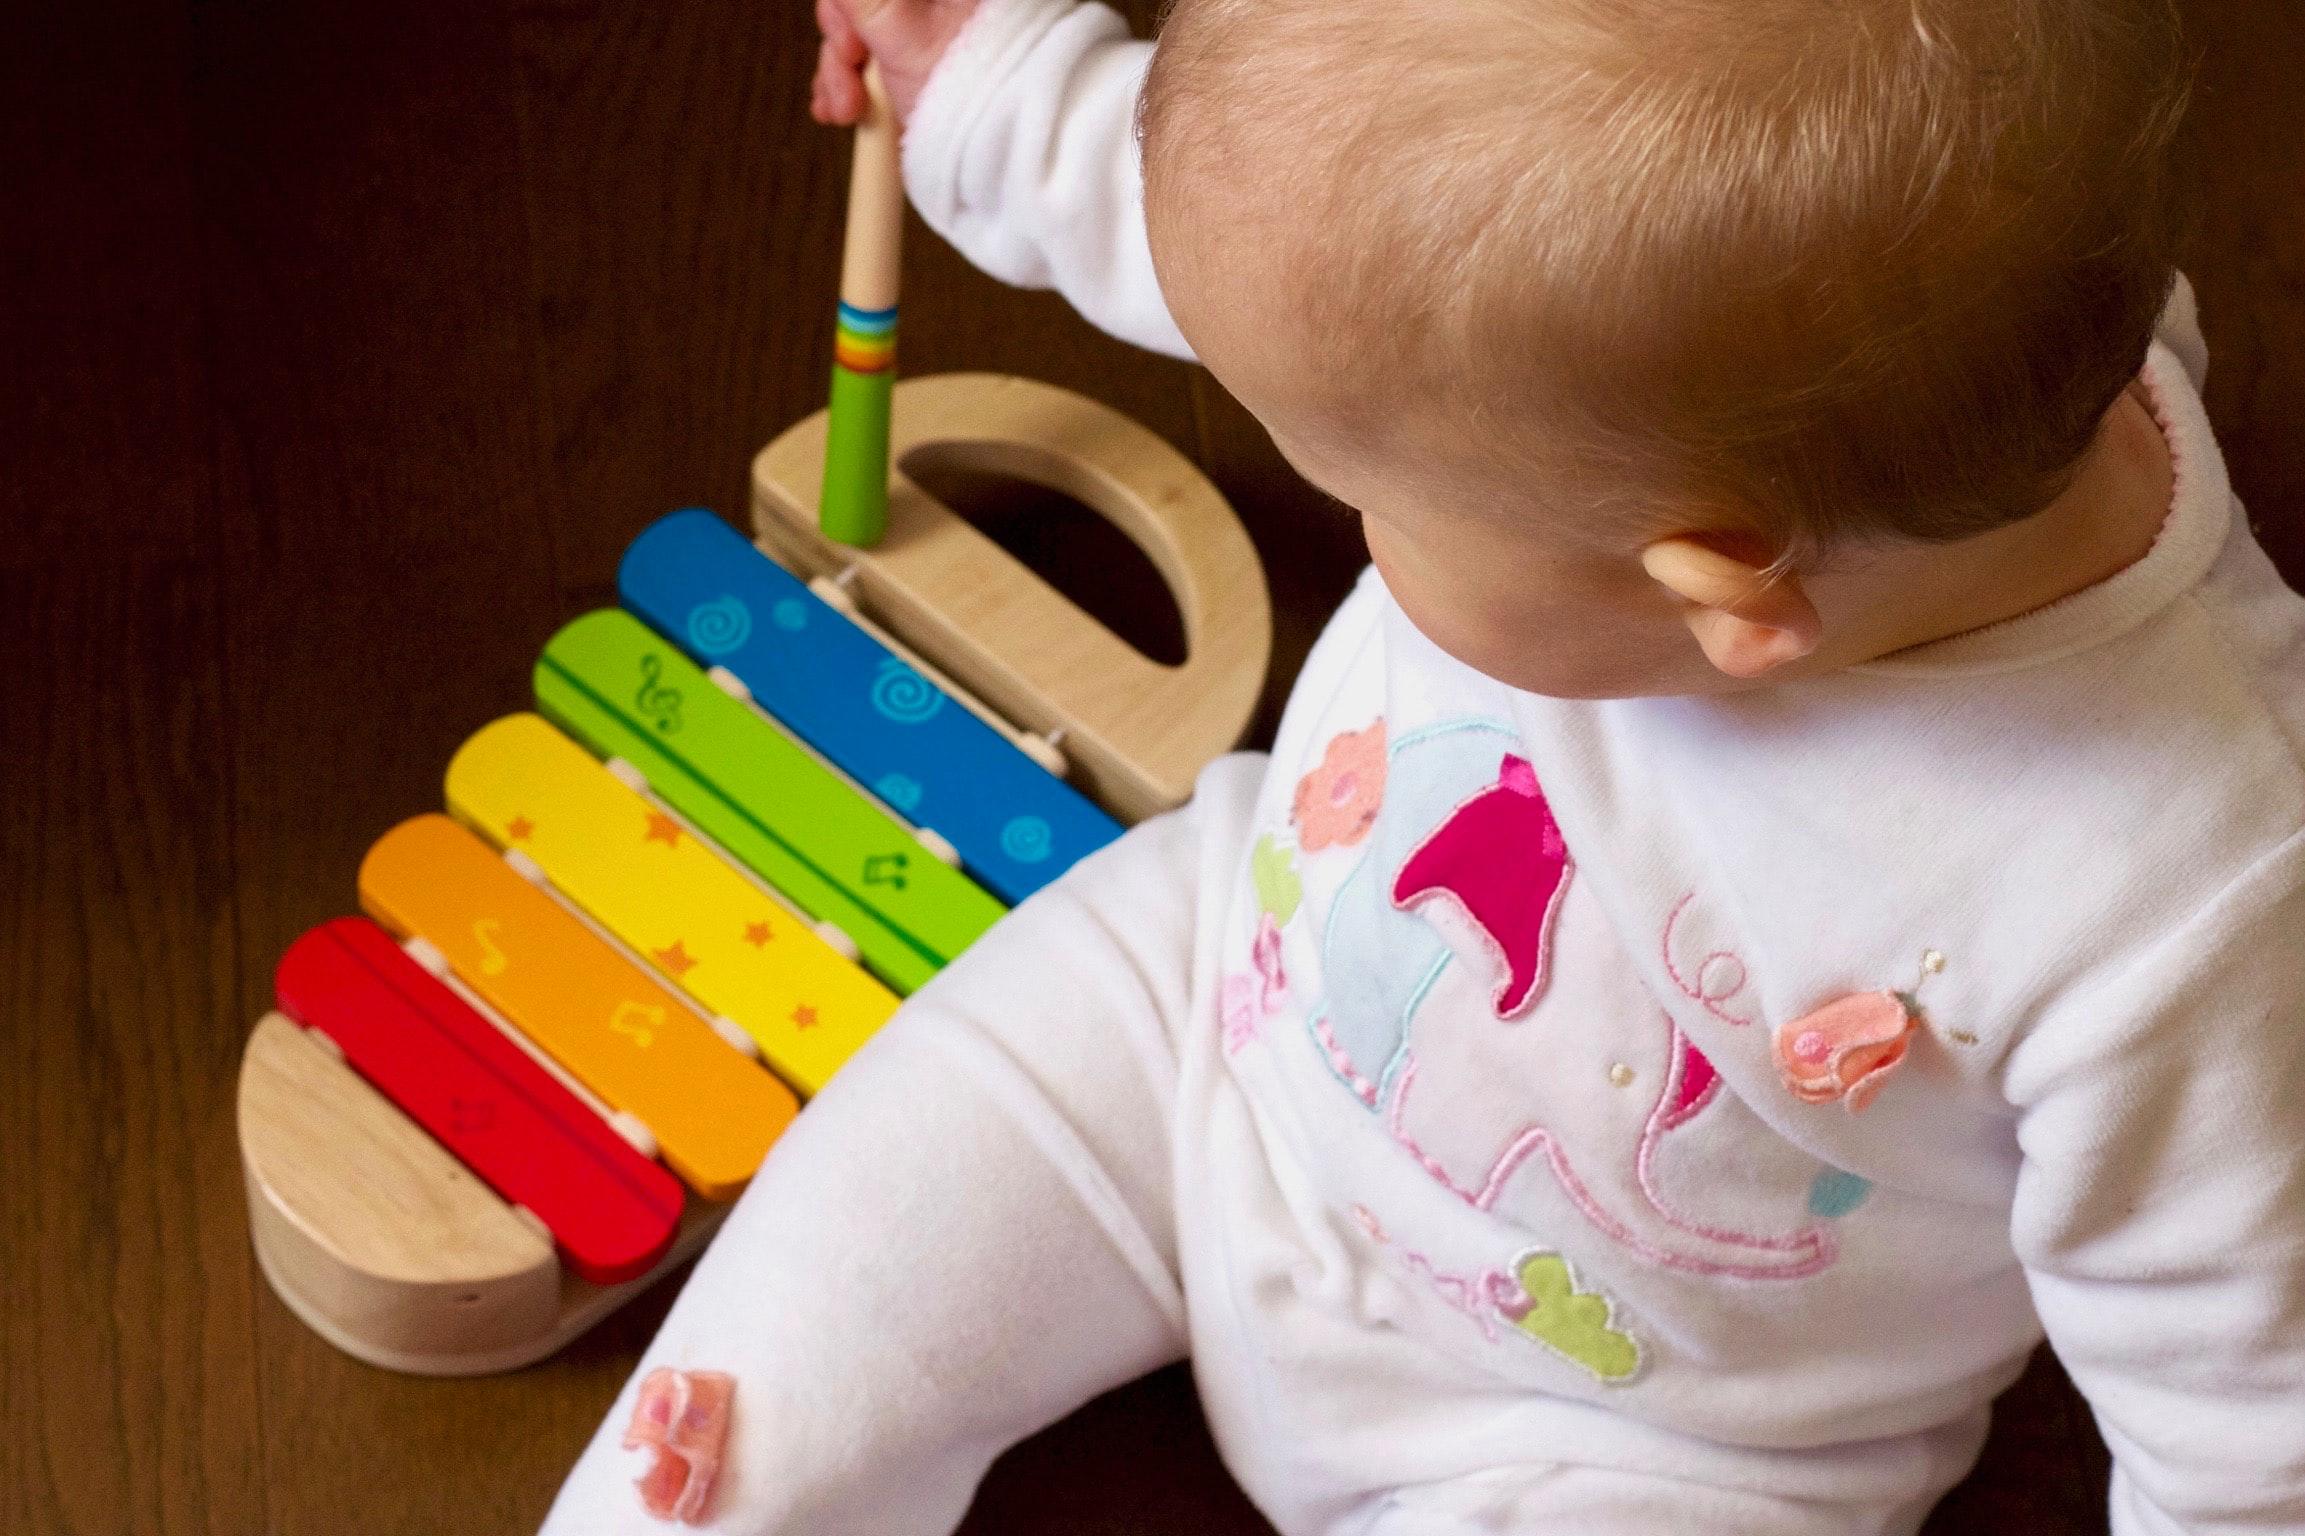 Skupaj doma zaradi korona virusa – 3 nasveti za boljšo varnost najmlajših otrok